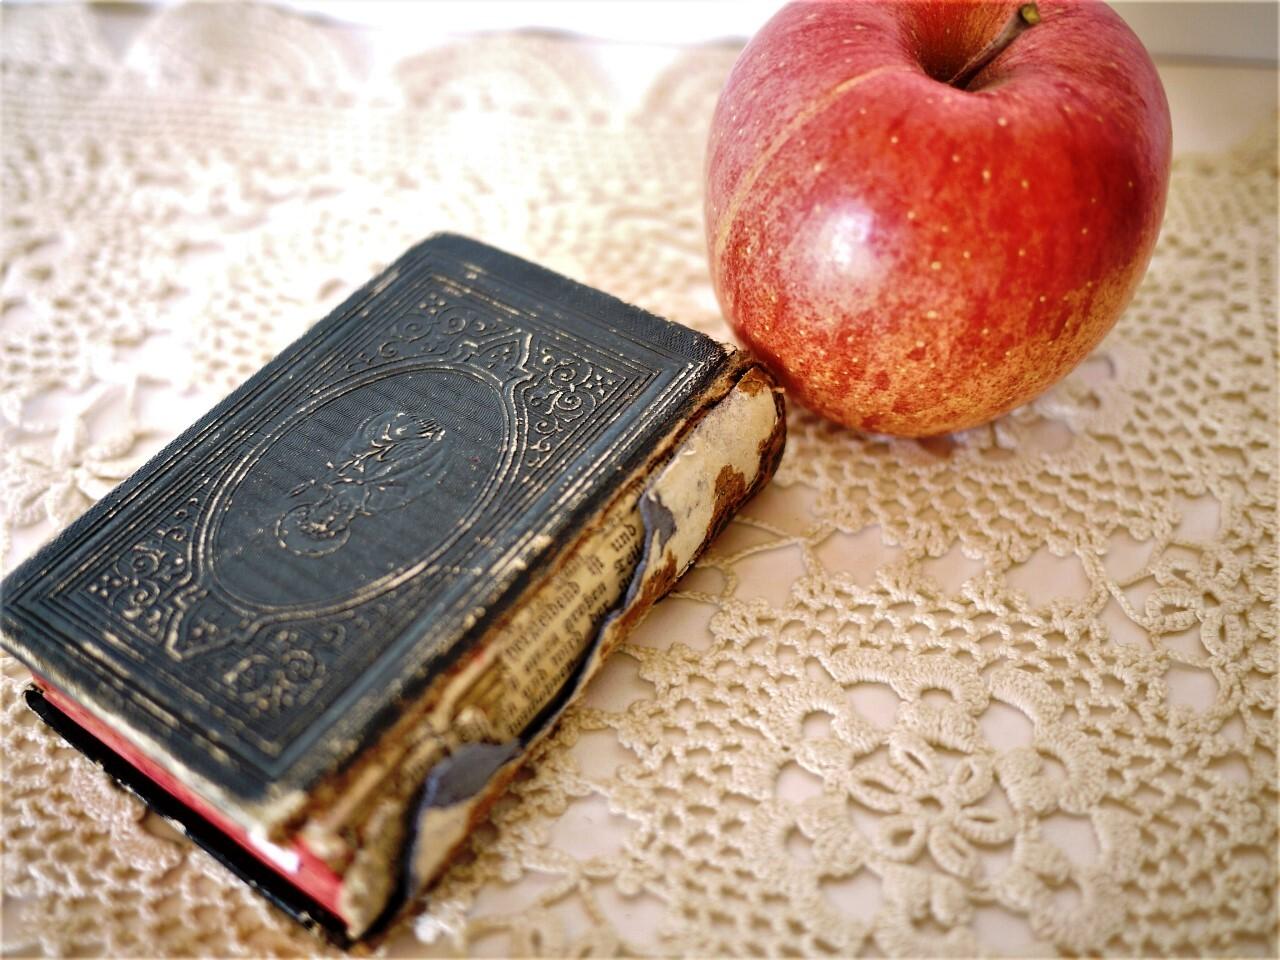 古い祈祷書 革張り  アンティーク聖書 手のひらサイズ豆本 ドイツカトリック